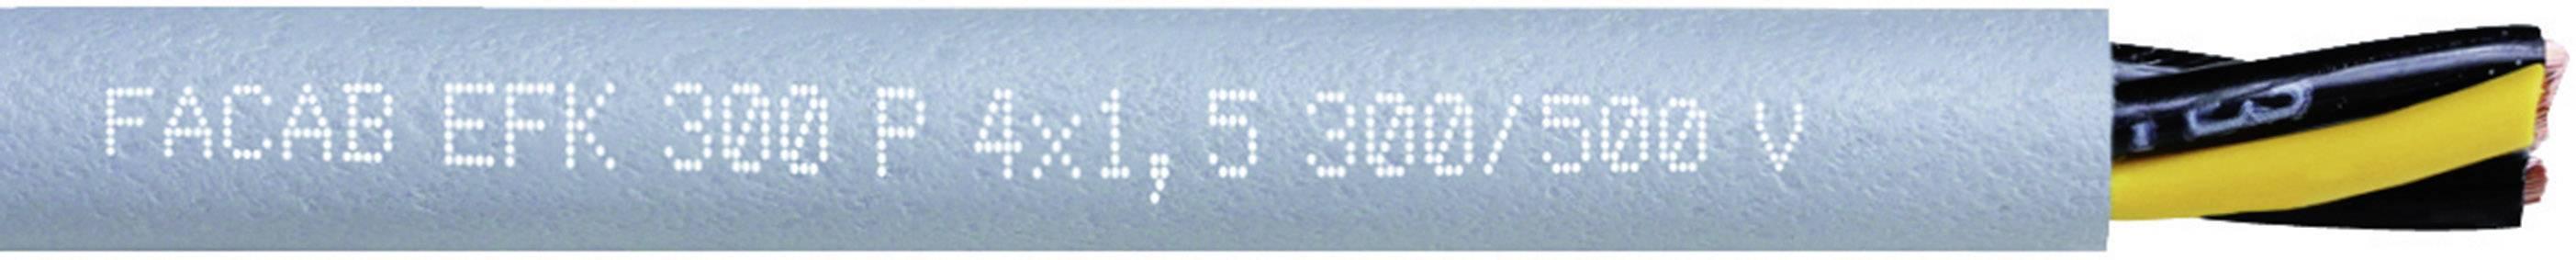 Tažný kabel Faber Kabel EFK 300 P AD300 - SCHLEPPLTG. TPE/PUR (031022), 5x 2,5 mm², polyurethan, Ø 10 mm, nest